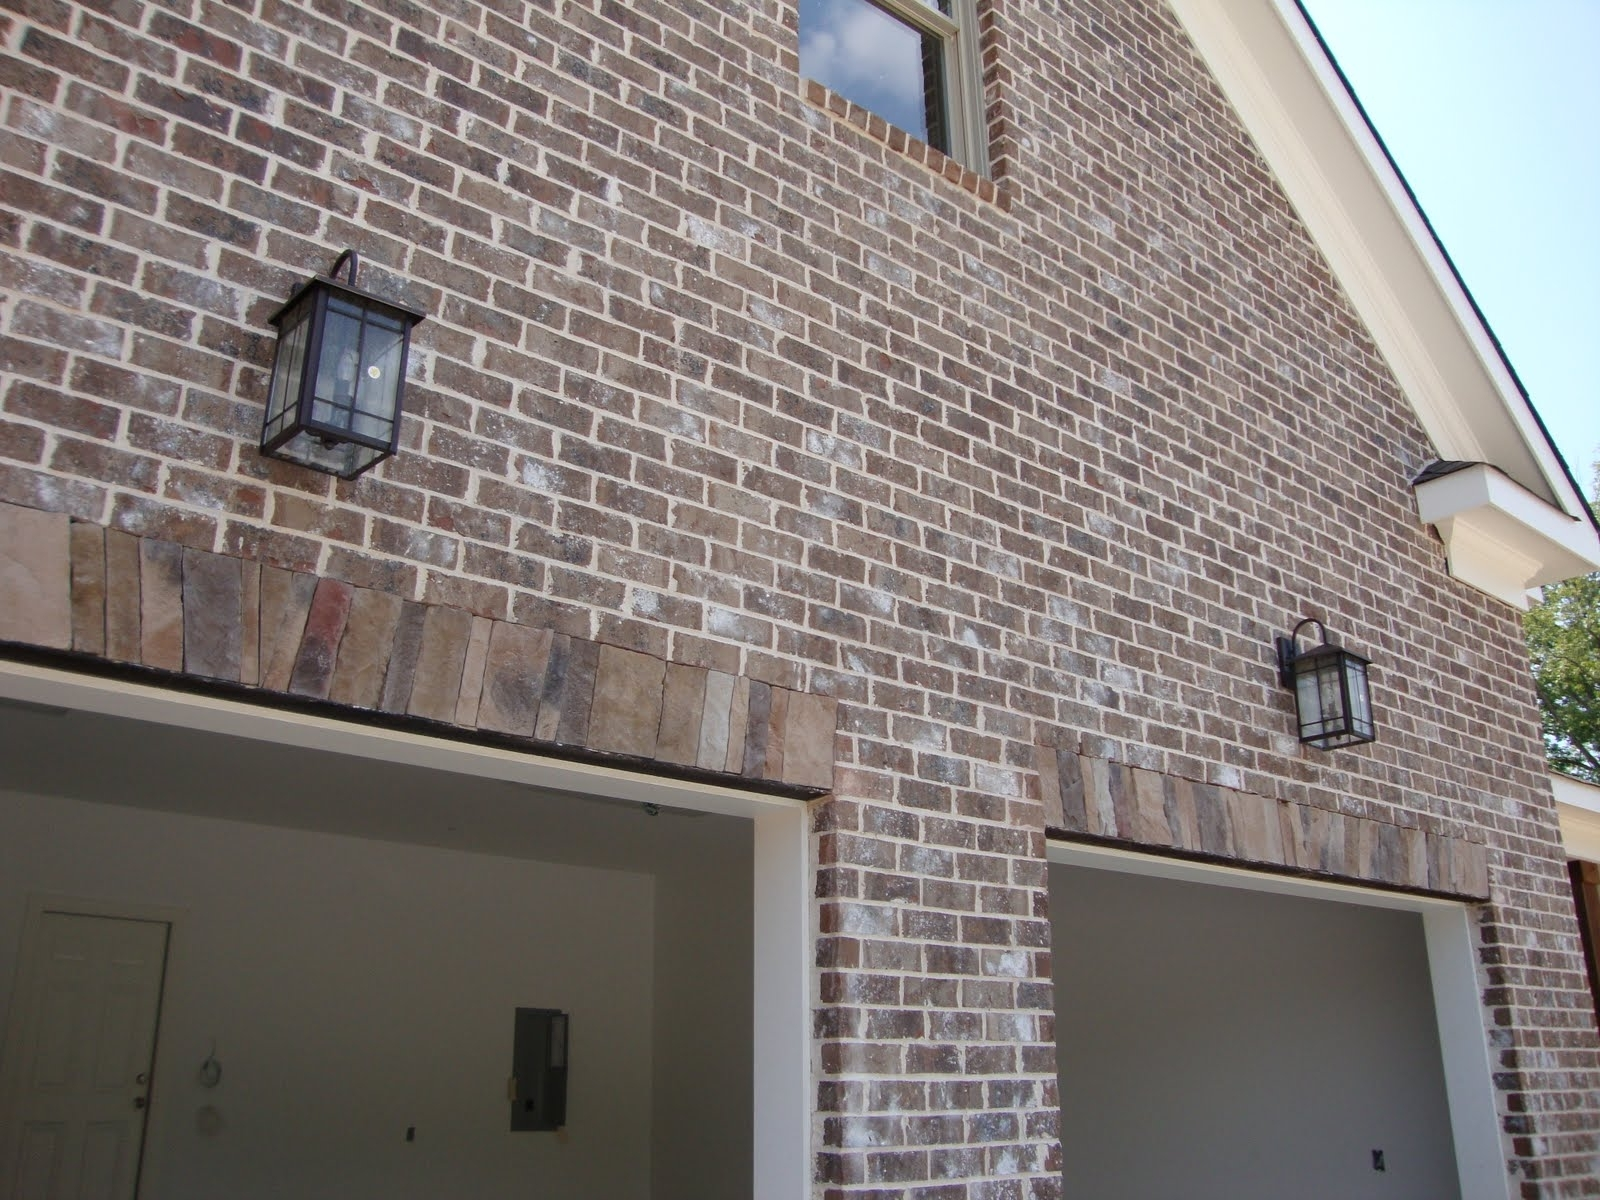 42 Lights Above Garage Doors, Exterior Lights Above Garage Doors For Most Recent Outdoor Garage Lanterns (View 13 of 20)